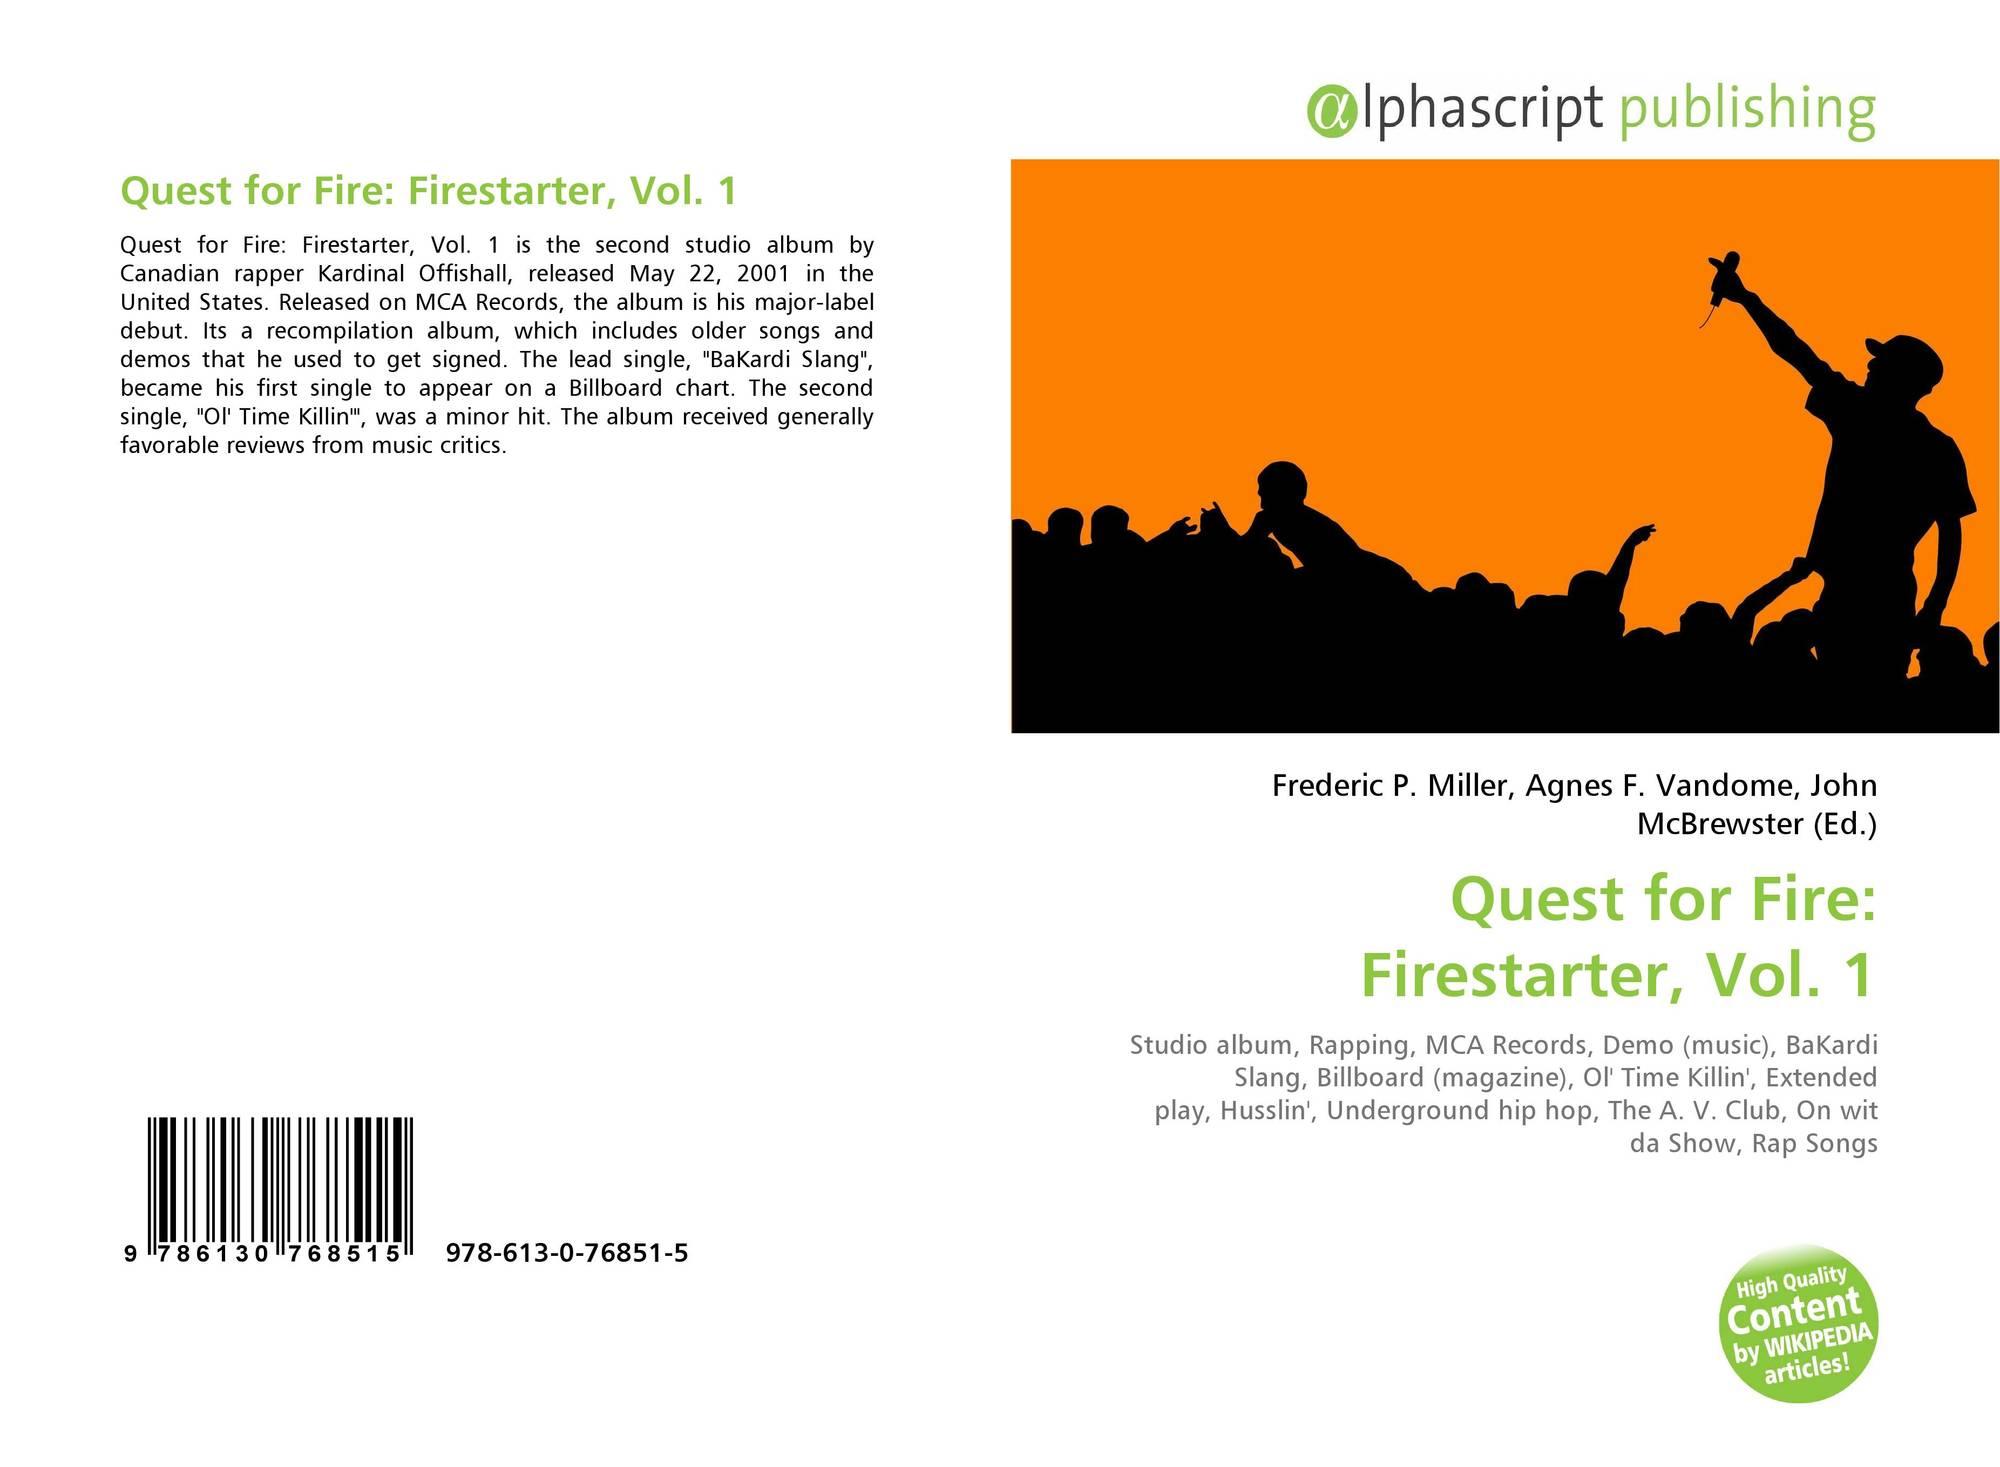 Quest for Fire: Firestarter, Vol  1, 978-613-0-76851-5